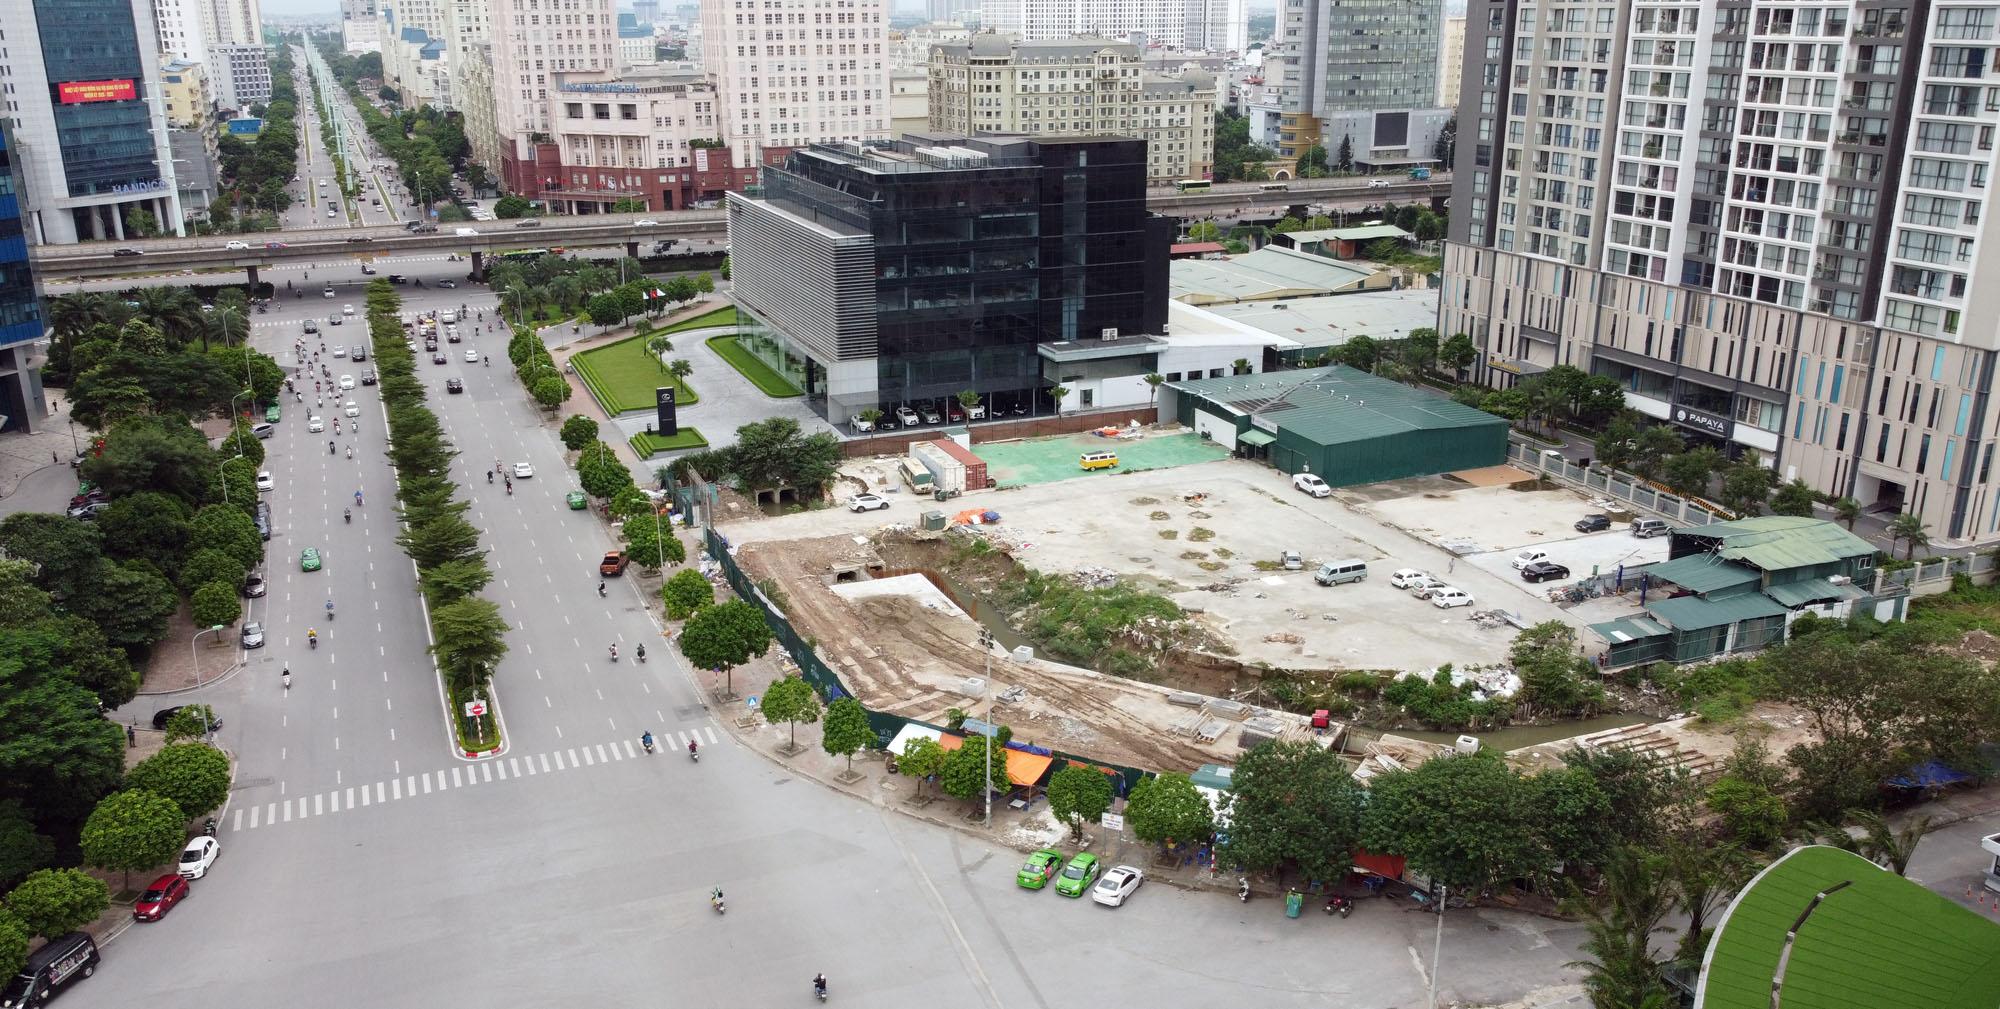 Những mảnh đất chưa sử dụng theo qui hoạch ở vùng qui hoạch đẹp Keangnam - Ảnh 6.